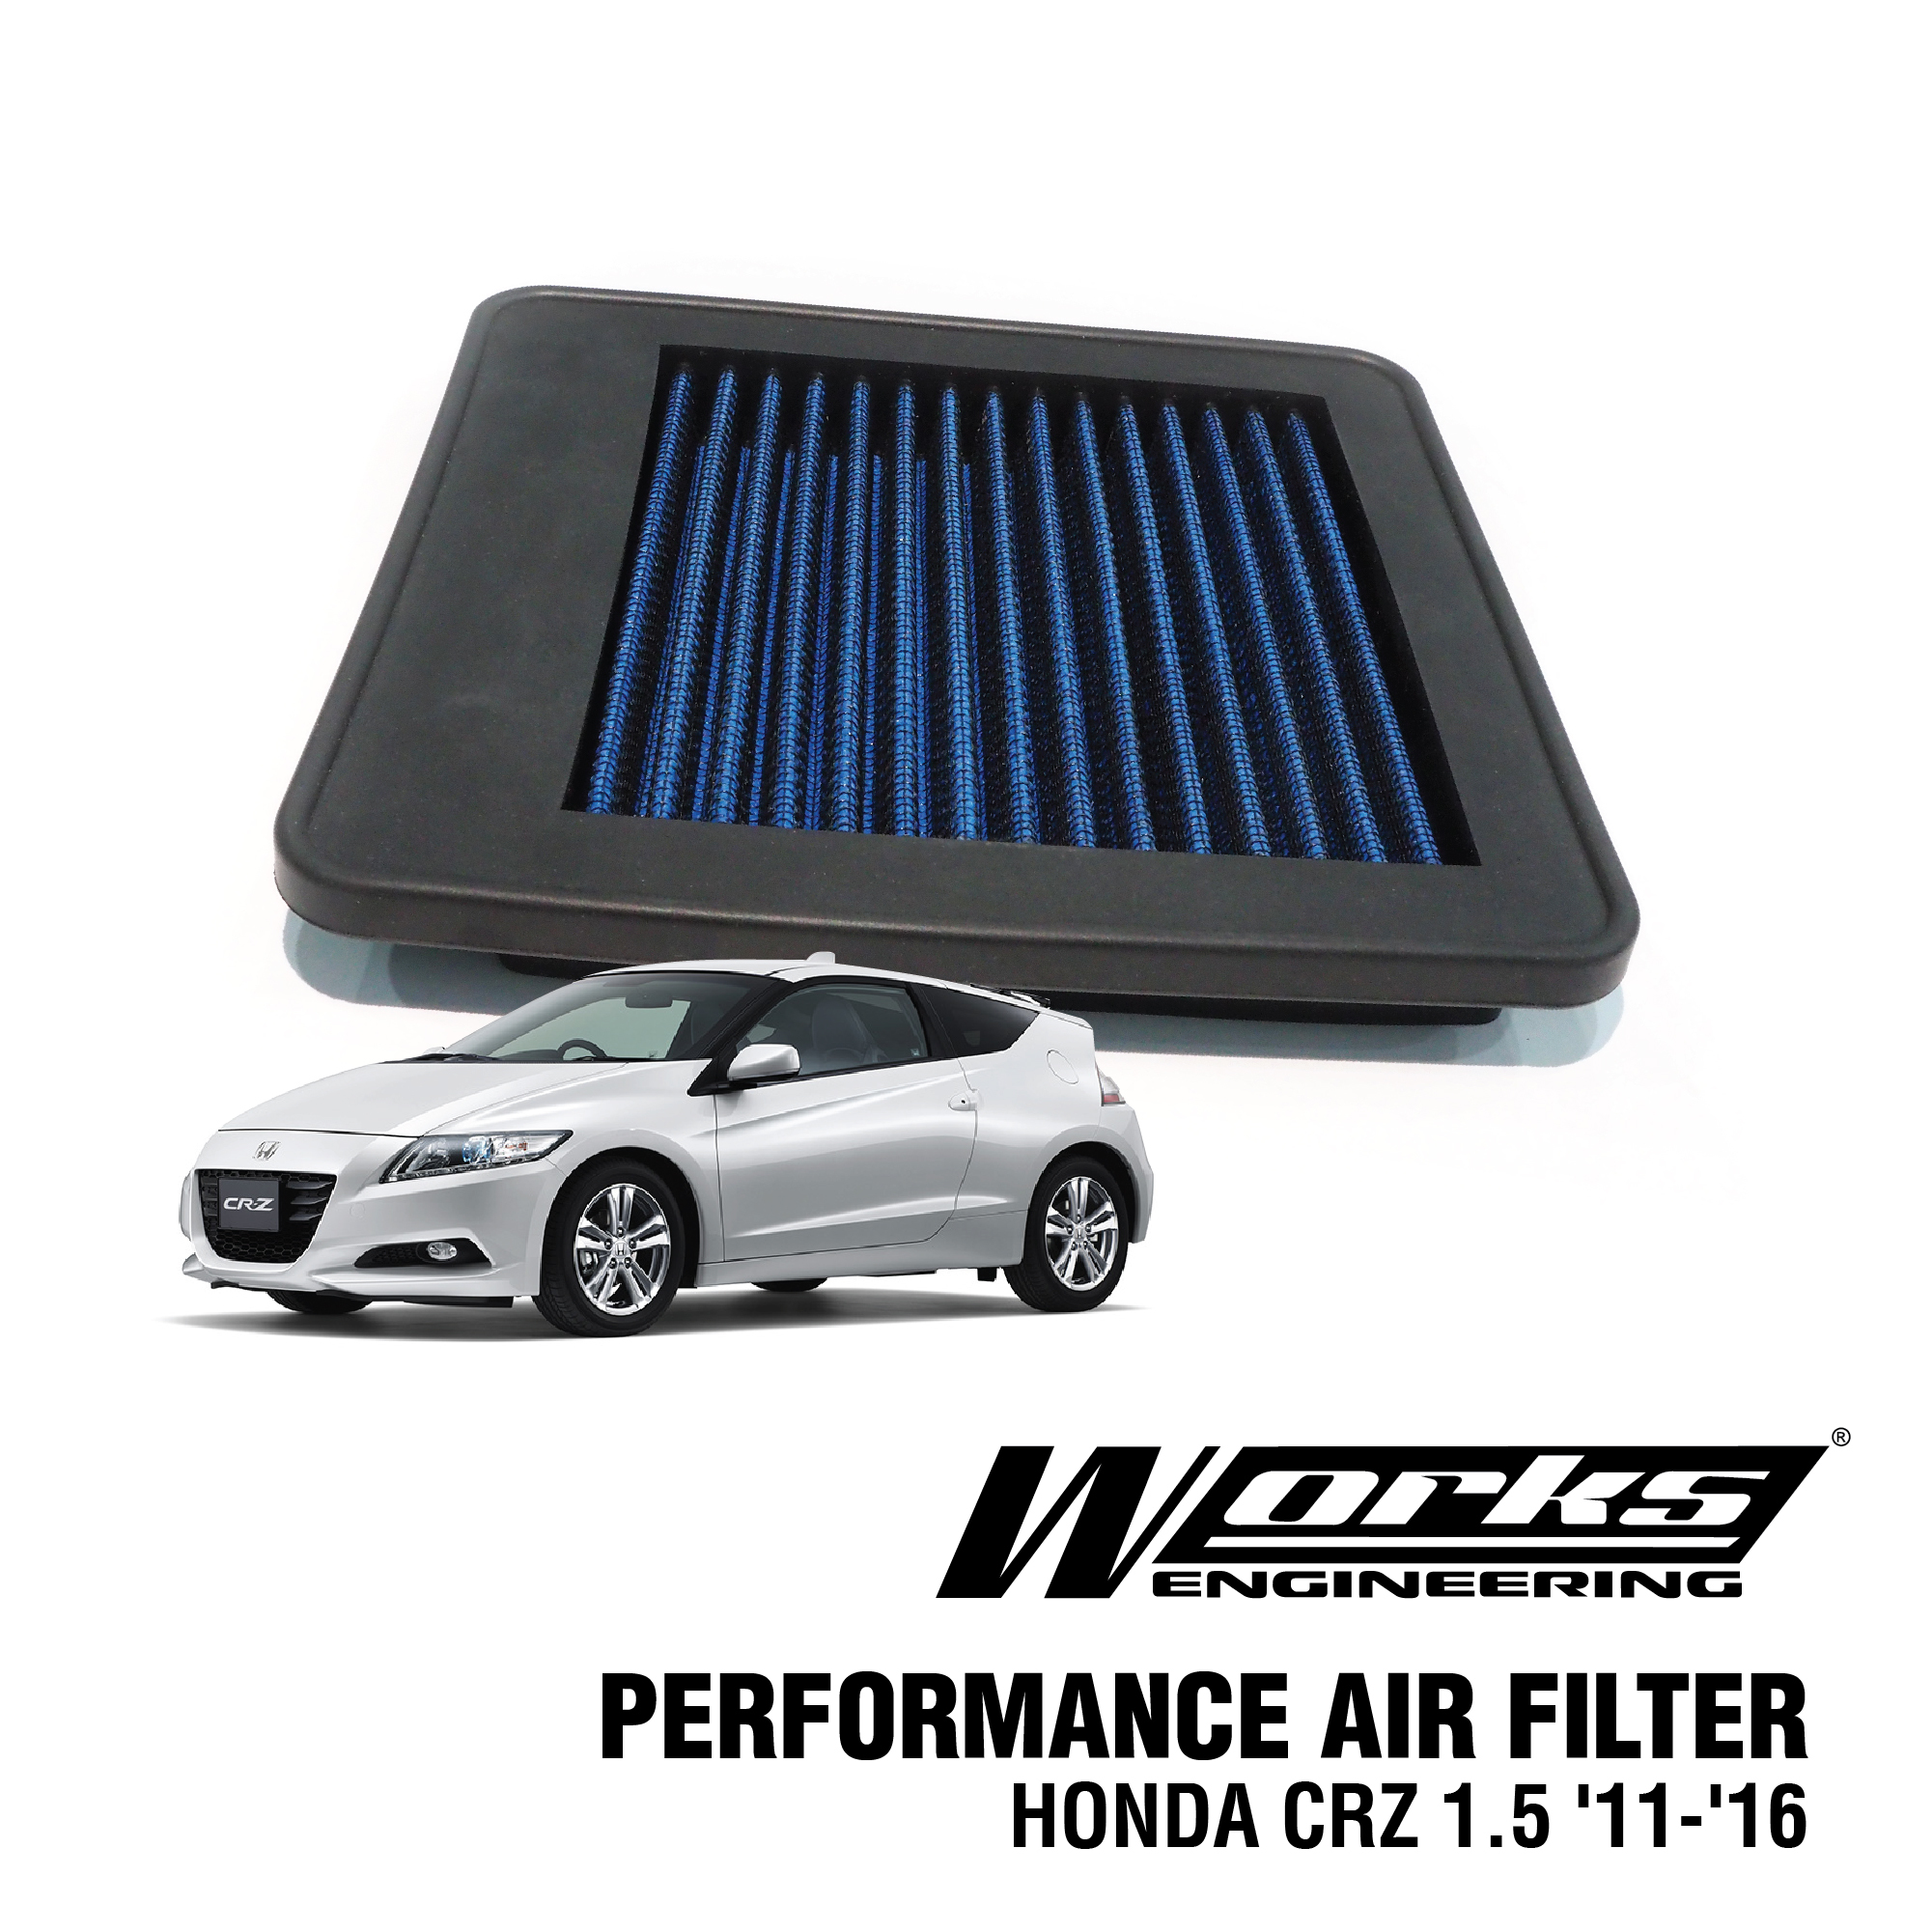 Air filter 2020 Online 03 white bg-02.jpg